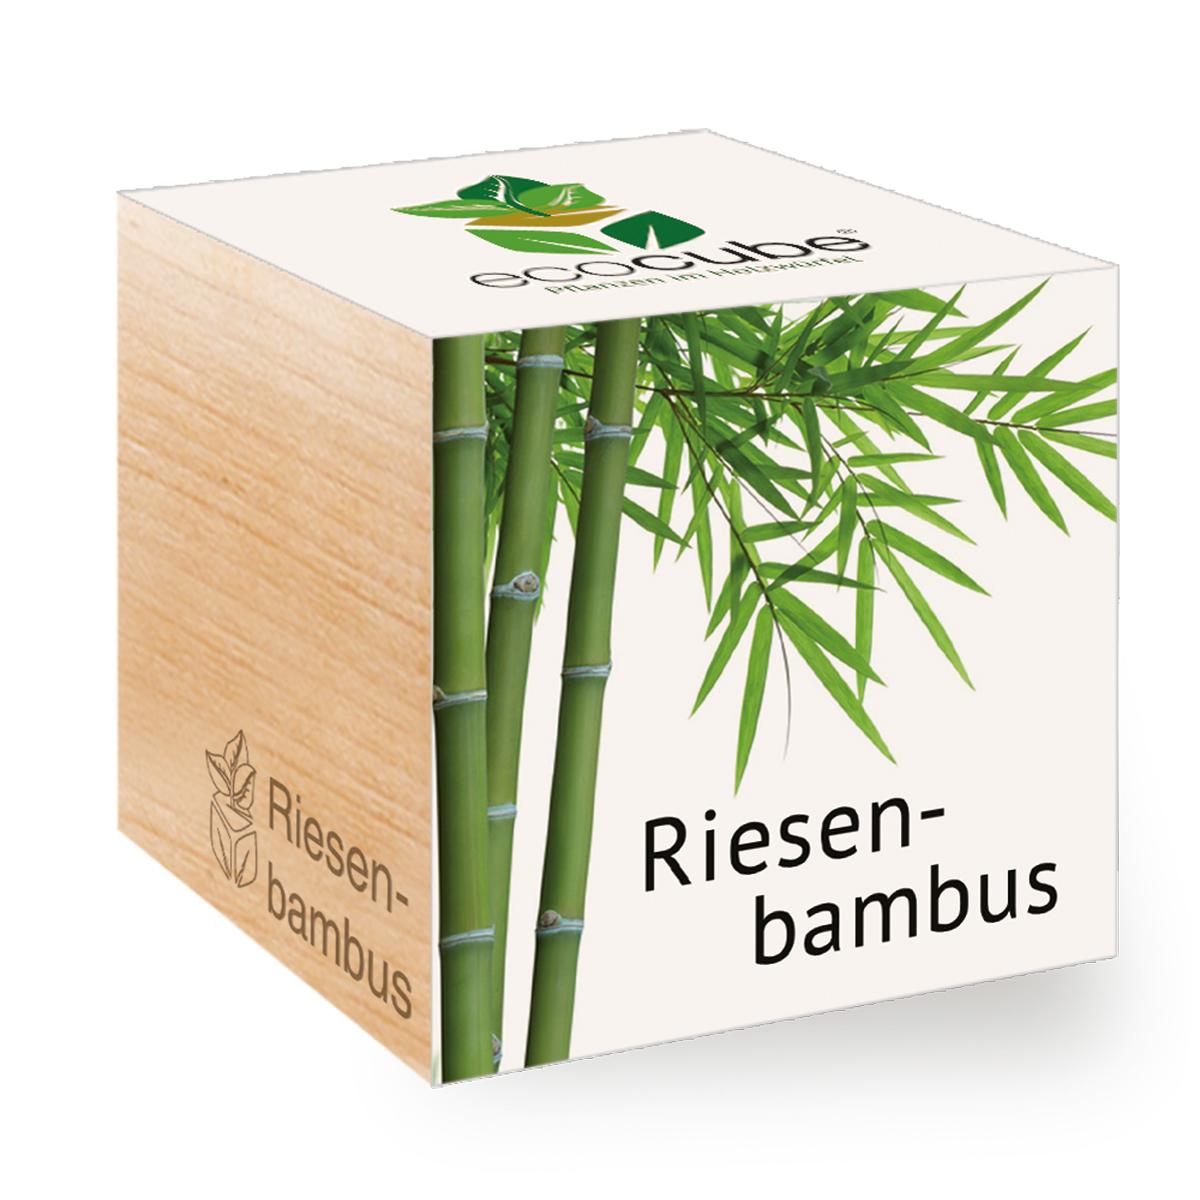 Riesenbambus im Holzwürfel von Ecocube